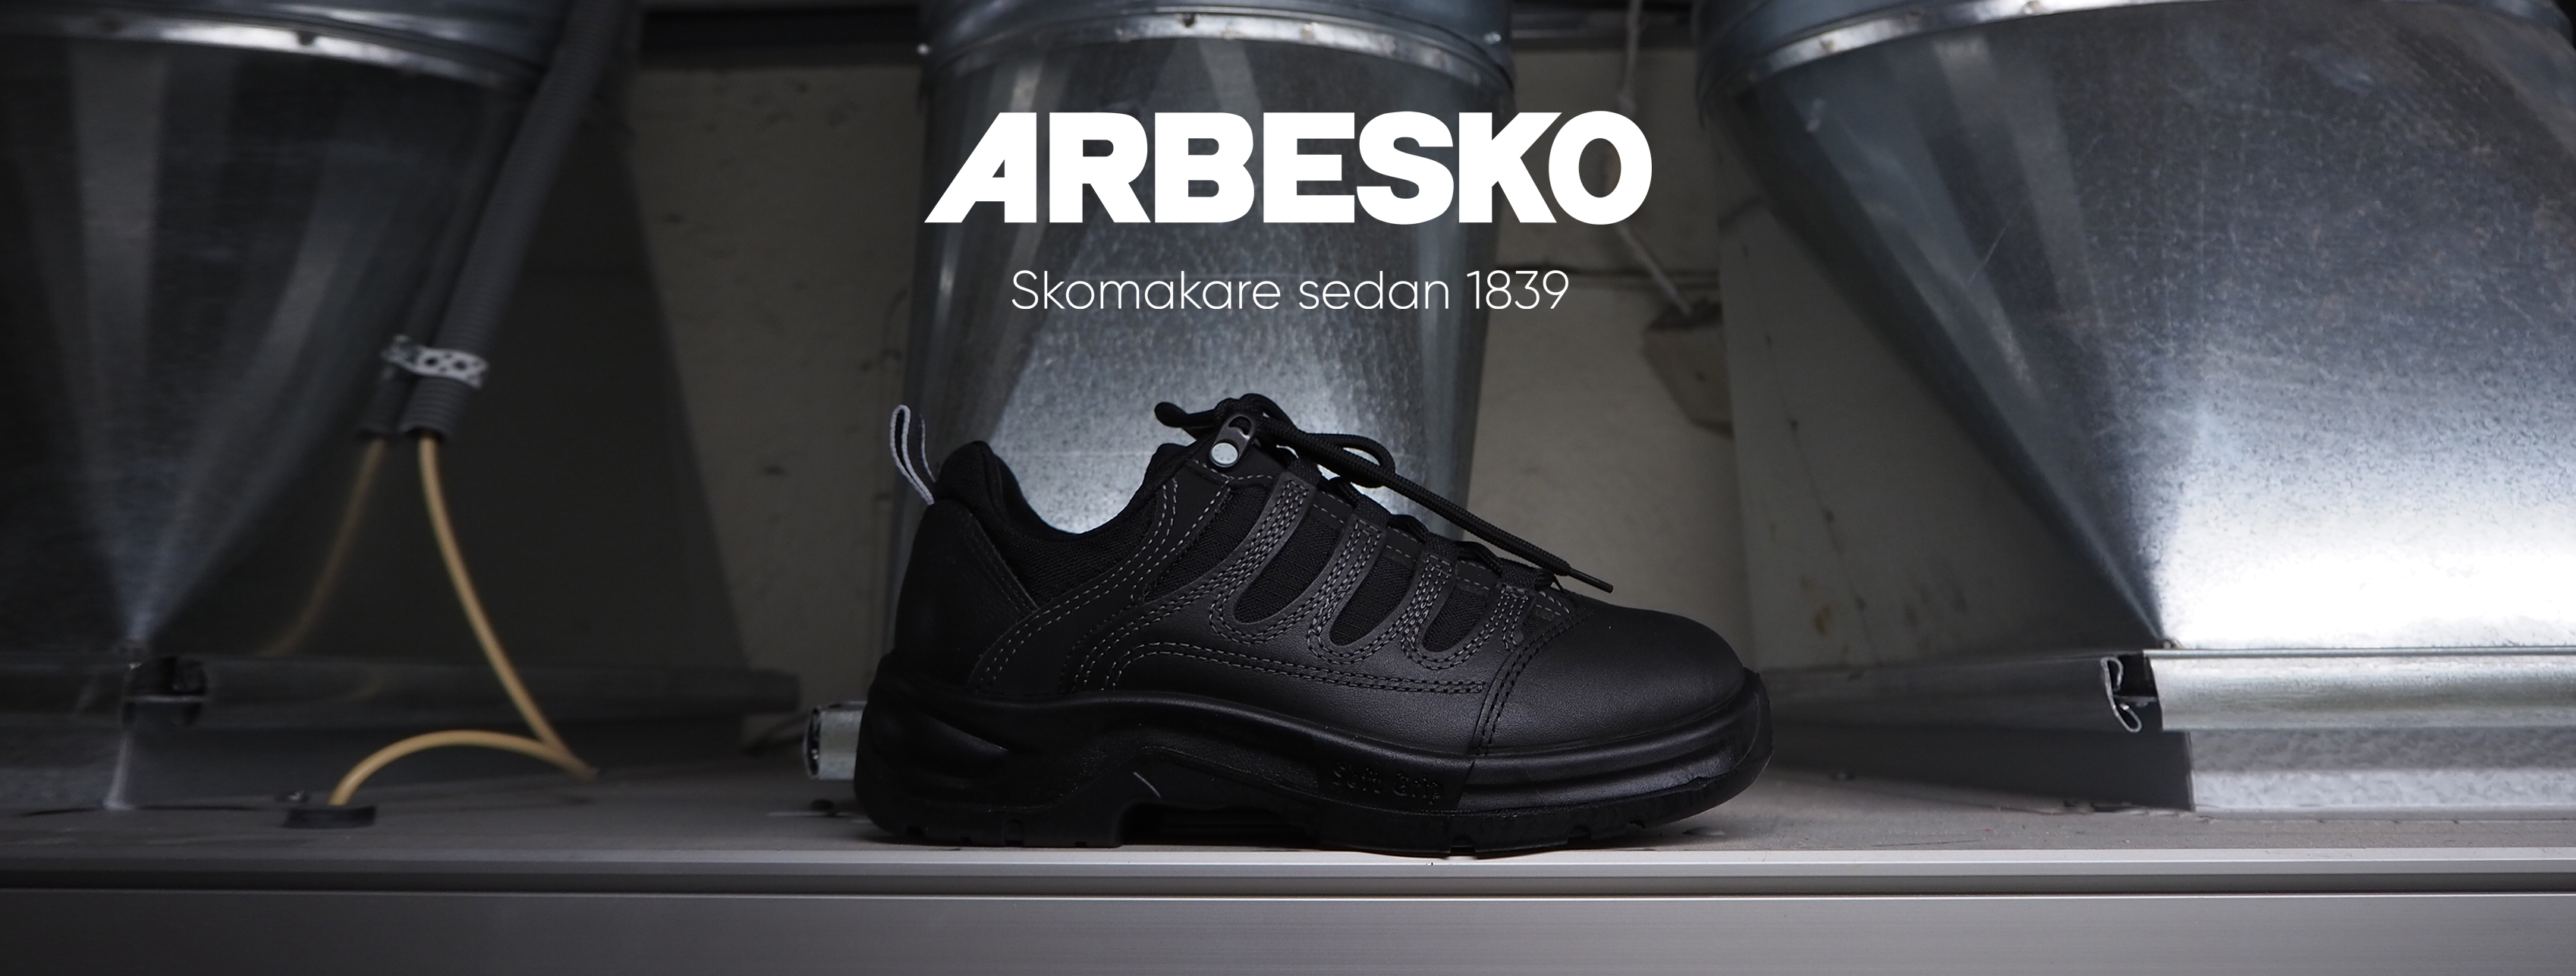 a8363625126 Arbesko skorna passar bra för dig som söker köksskor, serveringsskor,  vårdskor eller skor till bygg och industri.